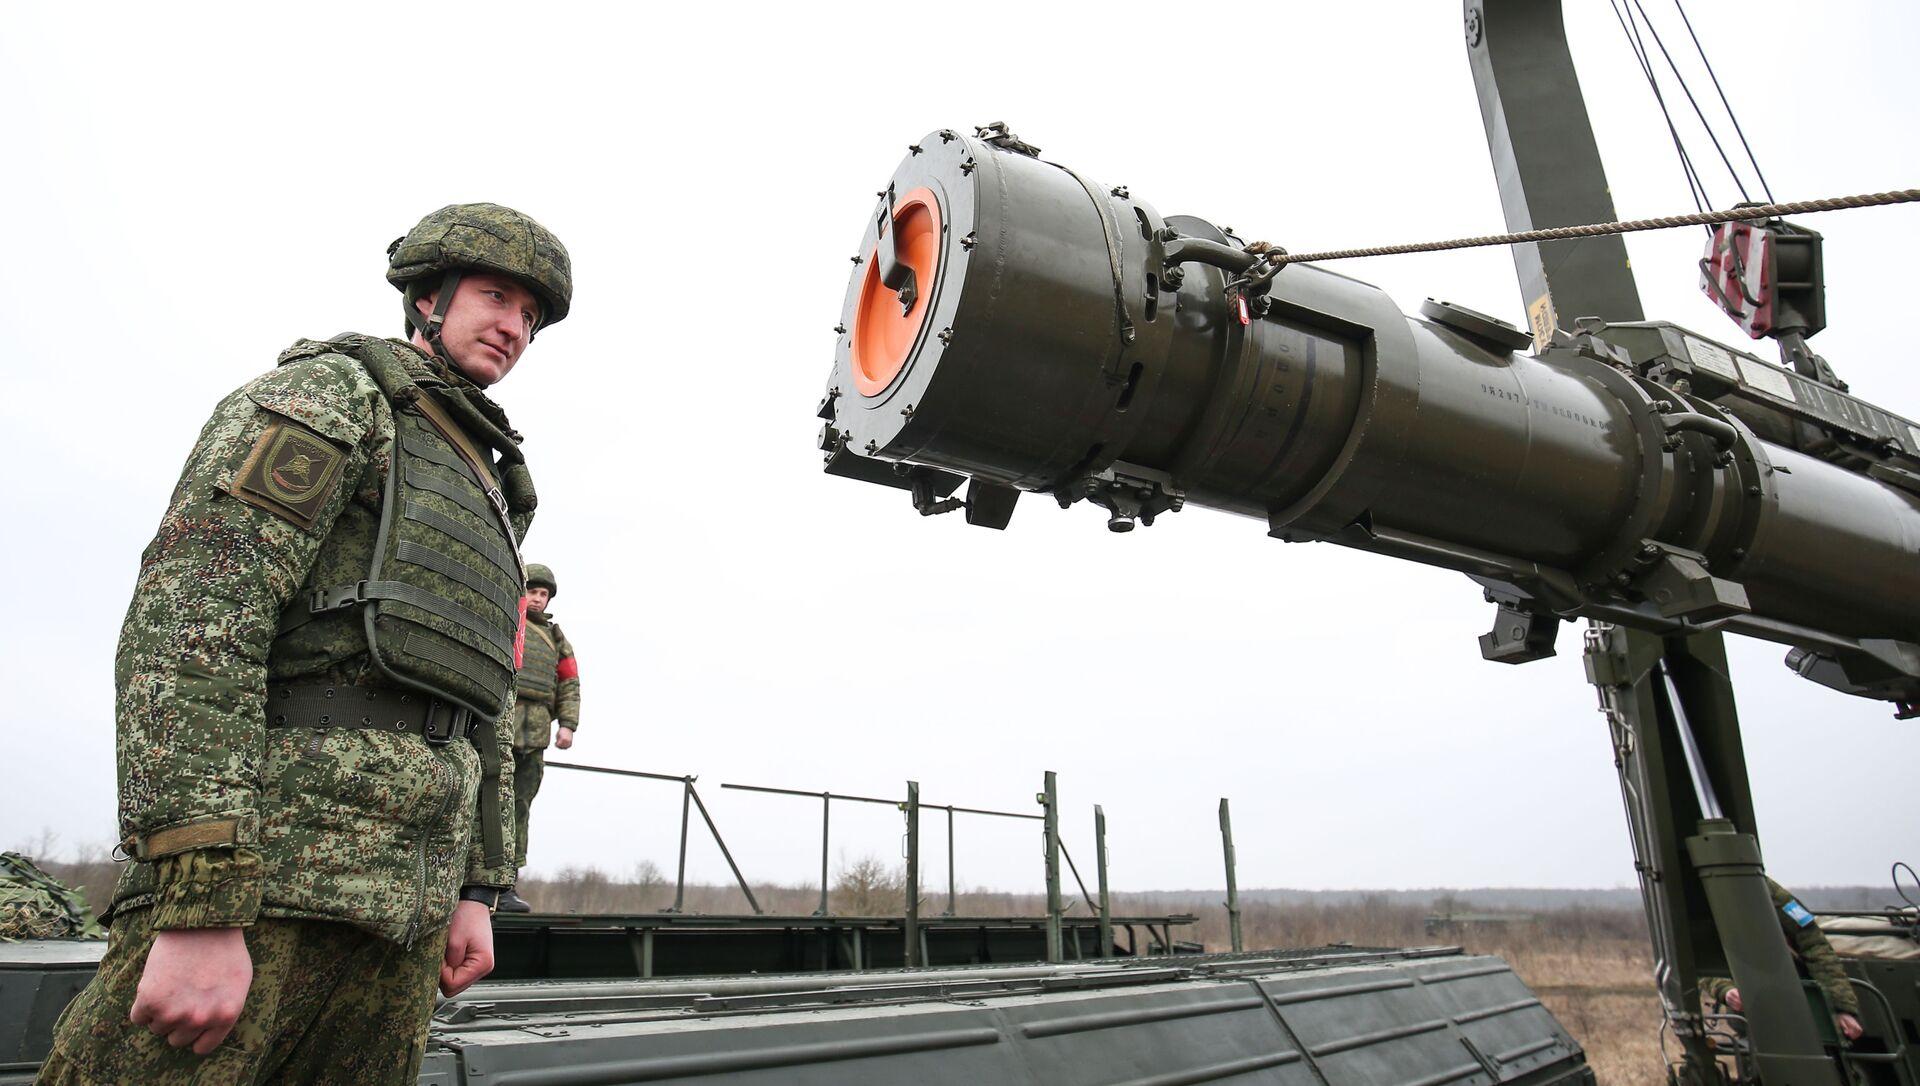 Rus ordusundan İskender-M füzeleriyle taktik tatbikat - Sputnik Türkiye, 1920, 01.03.2021